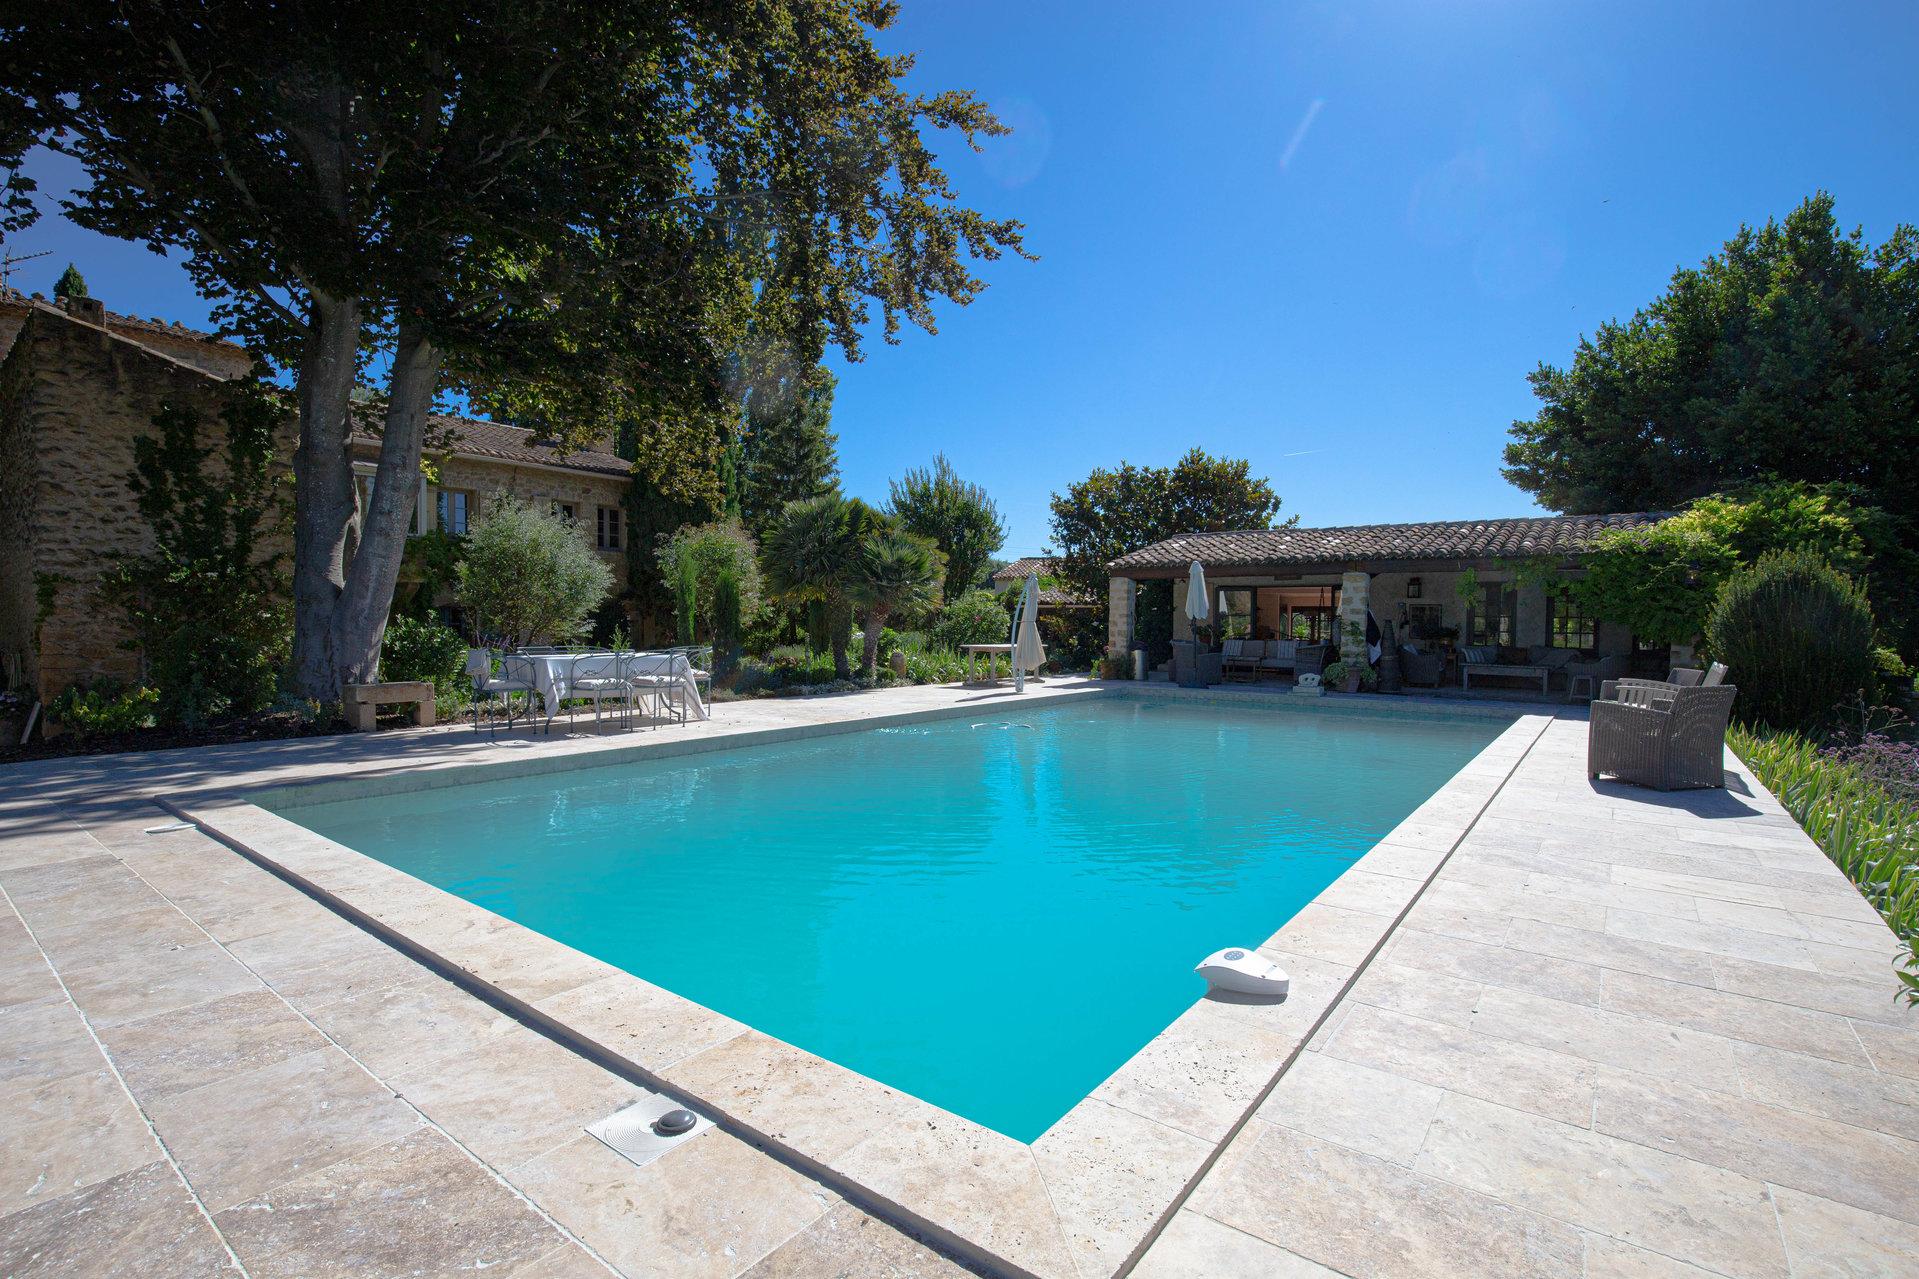 Villas for Sale - PL0028